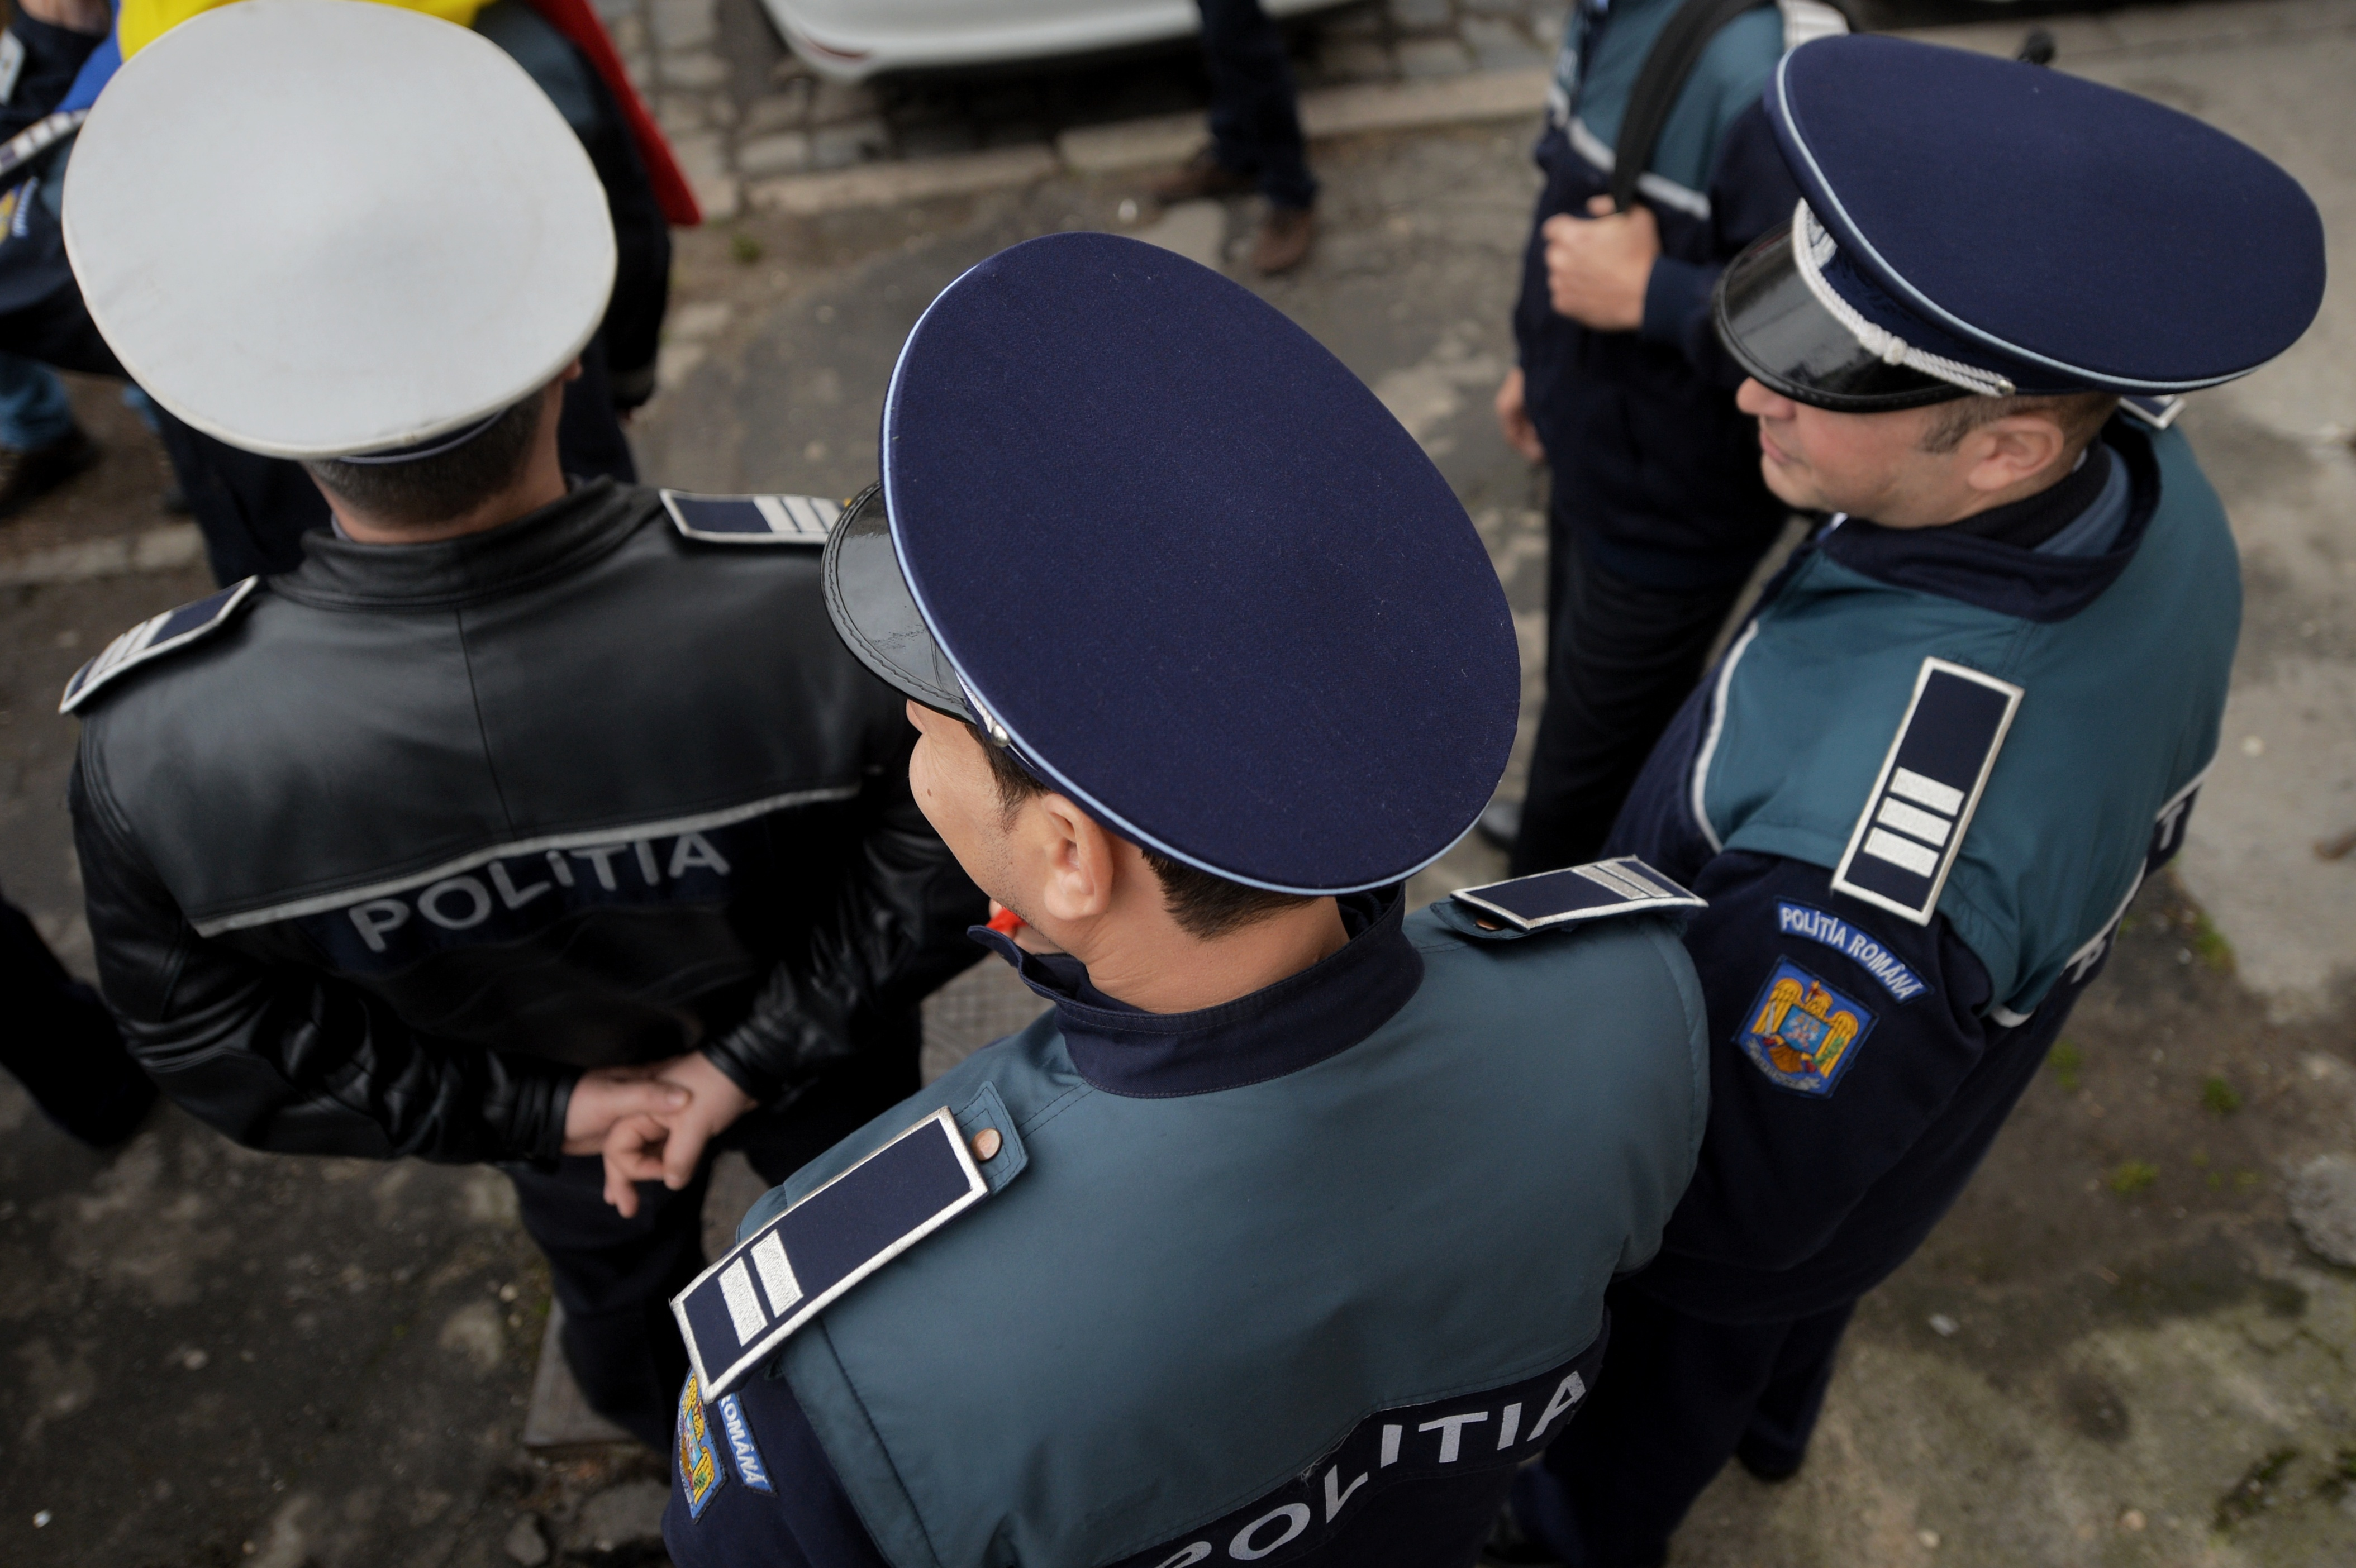 Un poliţist din Dolj a fost lovit cu capul în faţă de un şofer beat